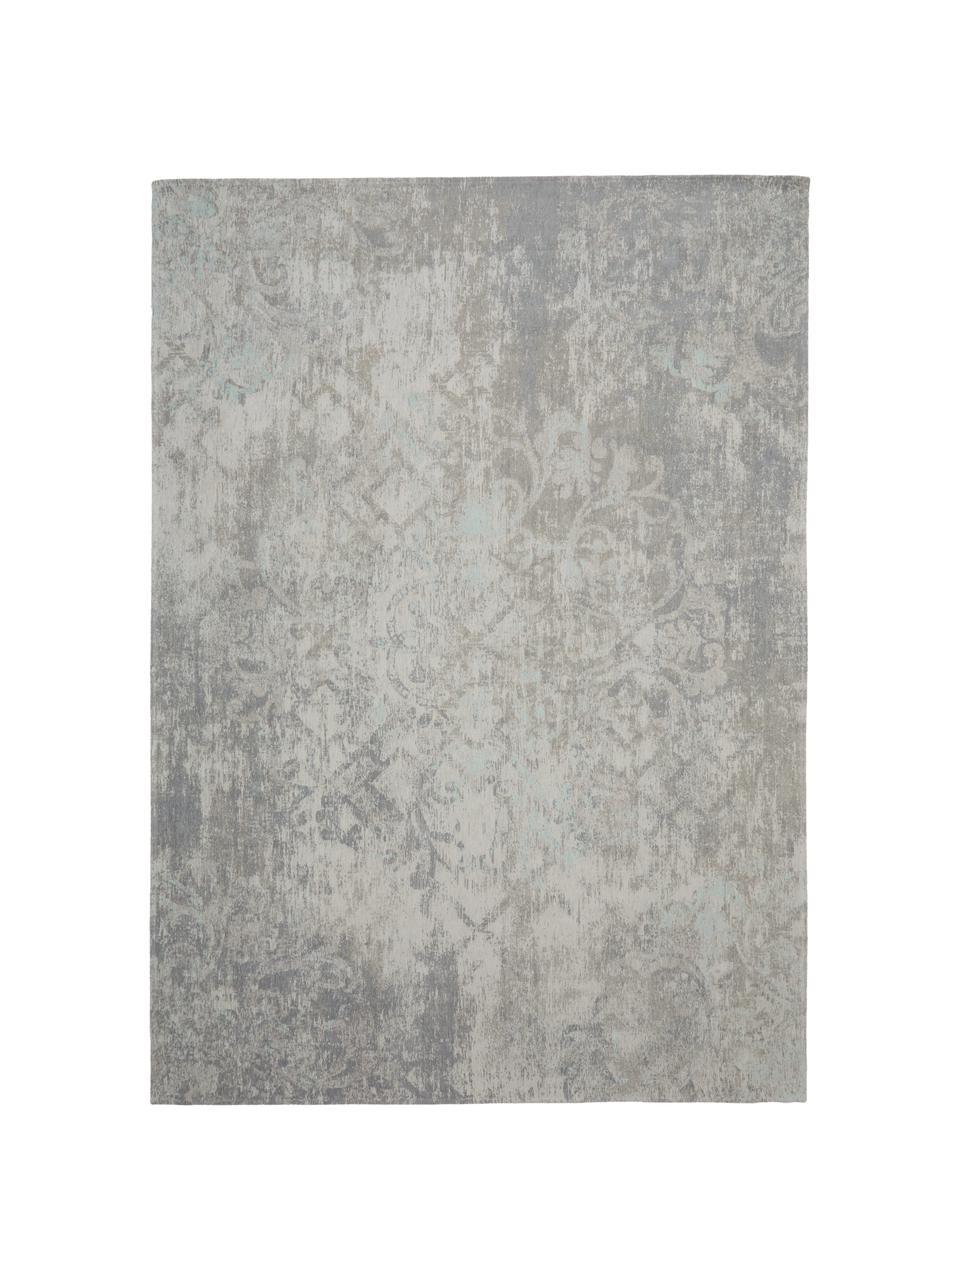 Vintage chenille vloerkleed Babylon in grijsbeige, Weeftechniek: jacquard, Grijs, beige, B 140 x L 200 cm (maat S)